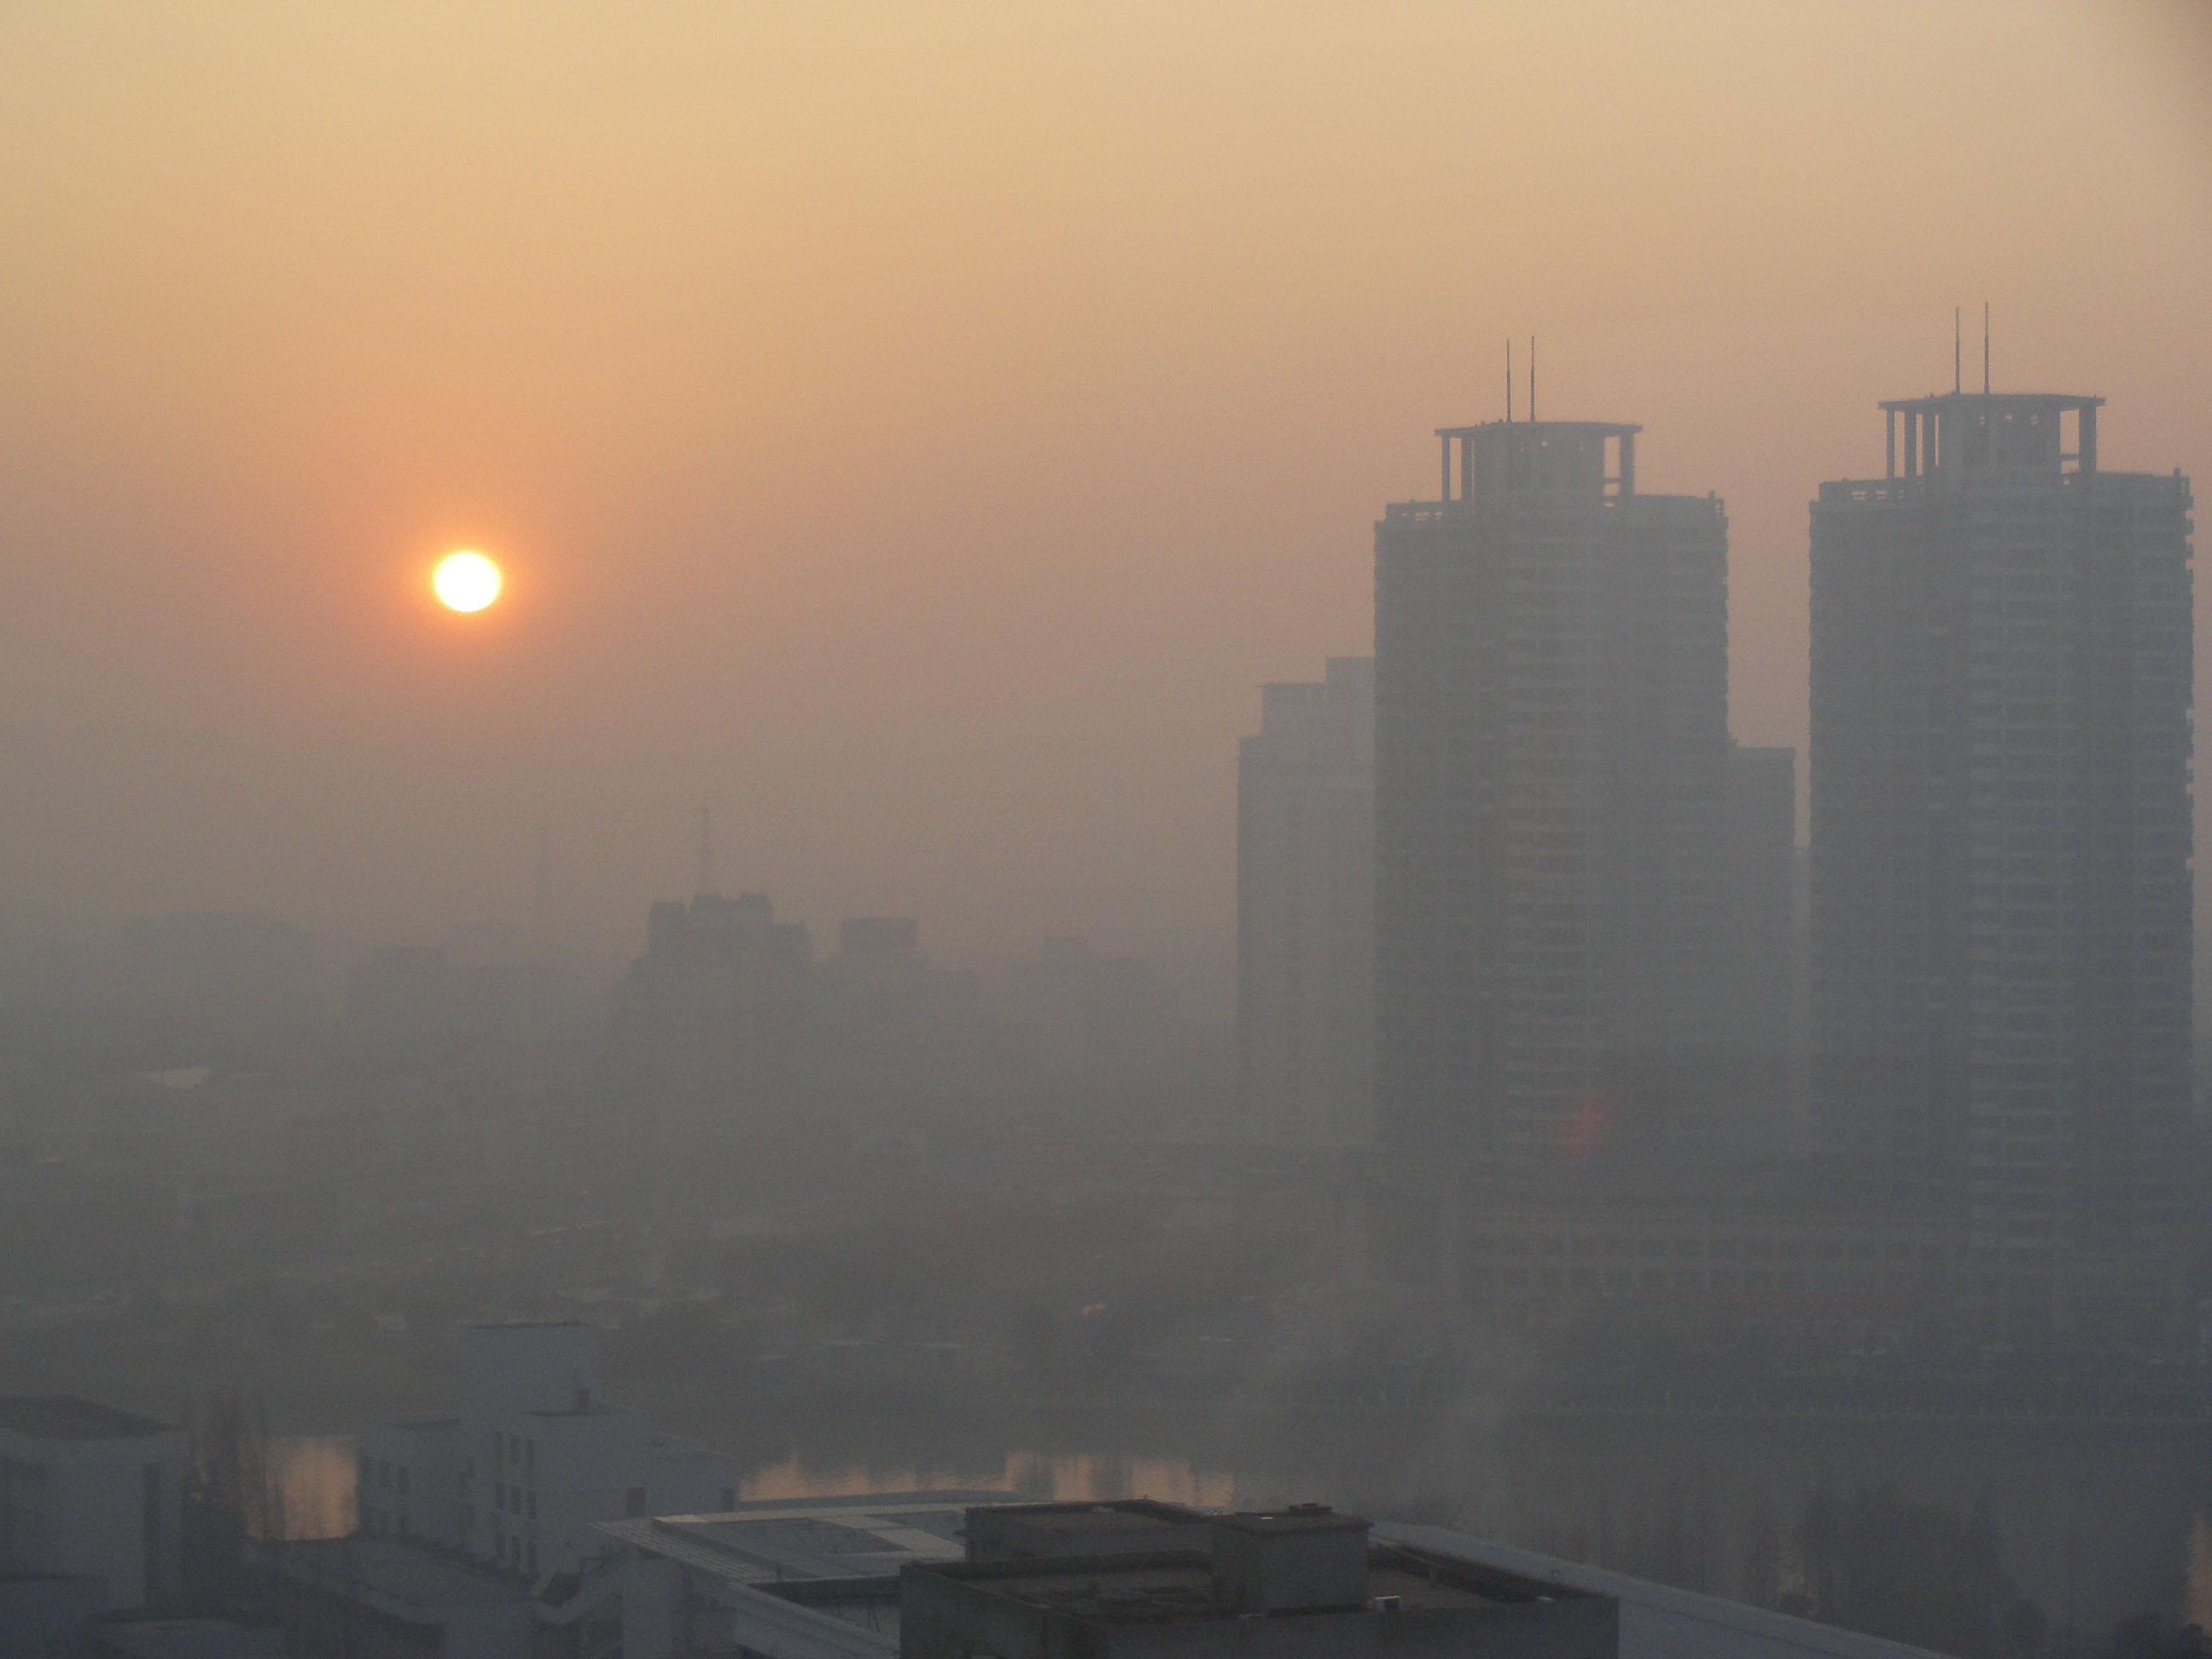 مقاله رهیافت پیشگیری از وقوع آلودگی